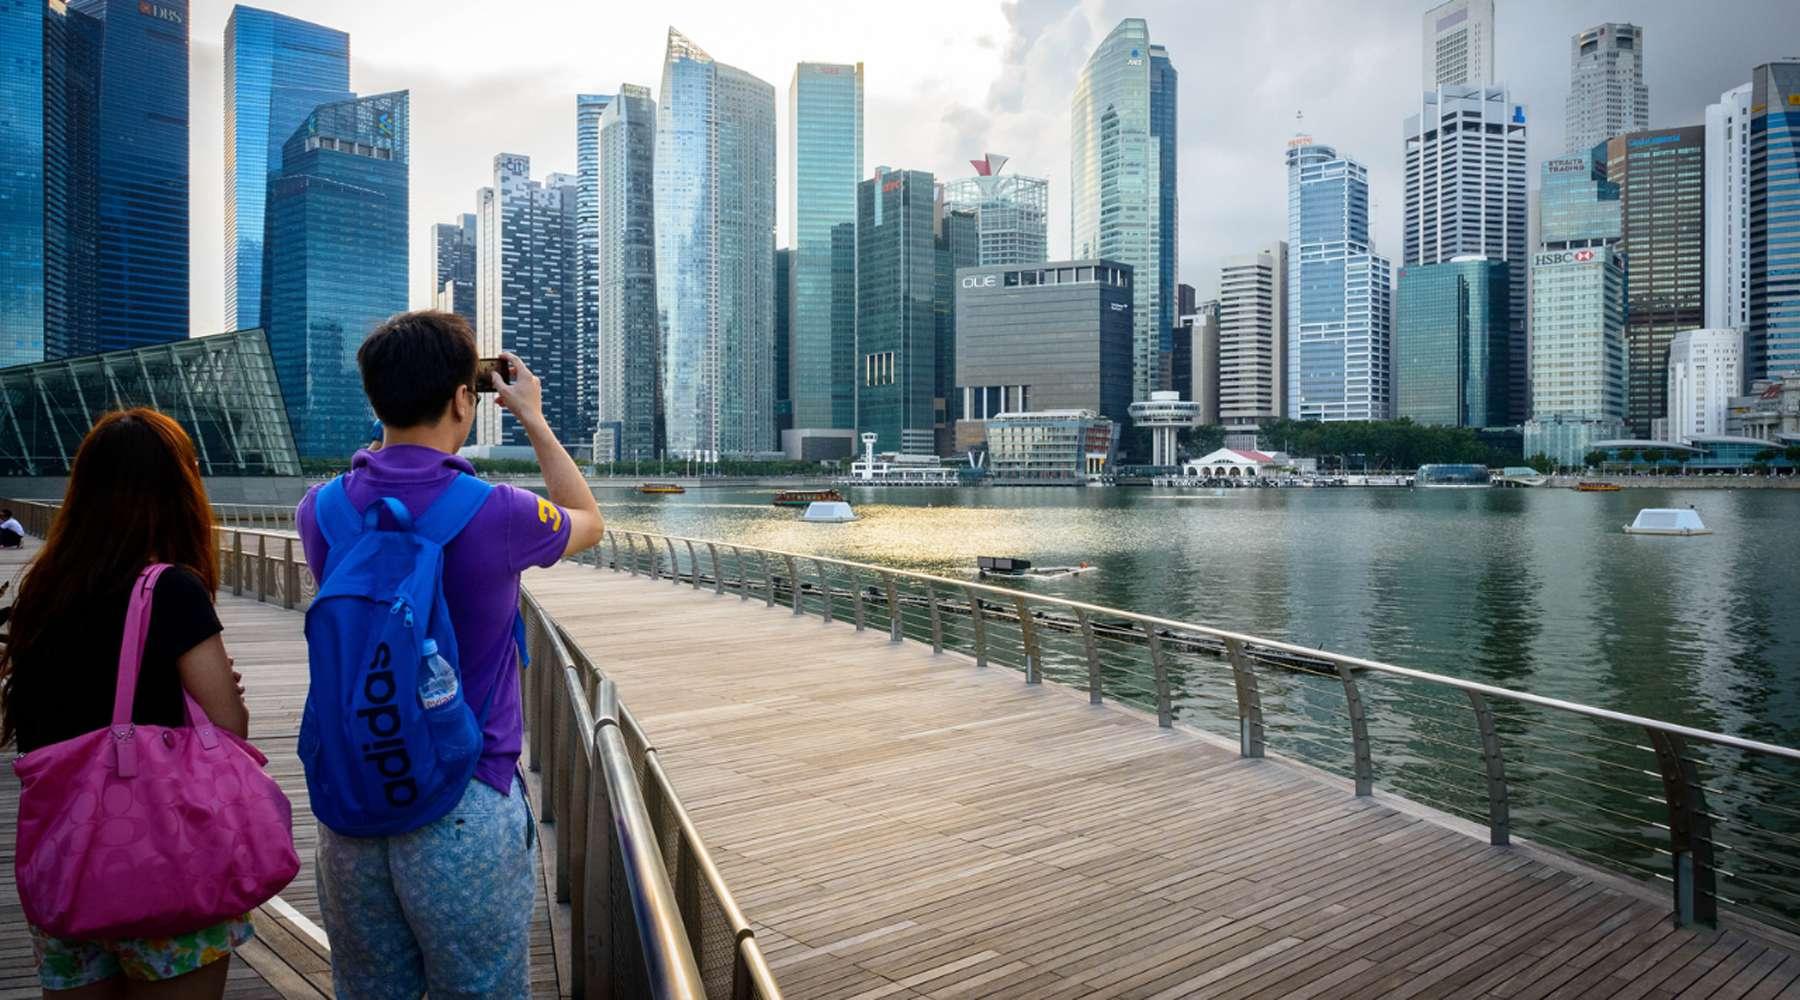 Du khách Việt có nên đến Singapore sau ngày 8/10? - Ảnh 1.